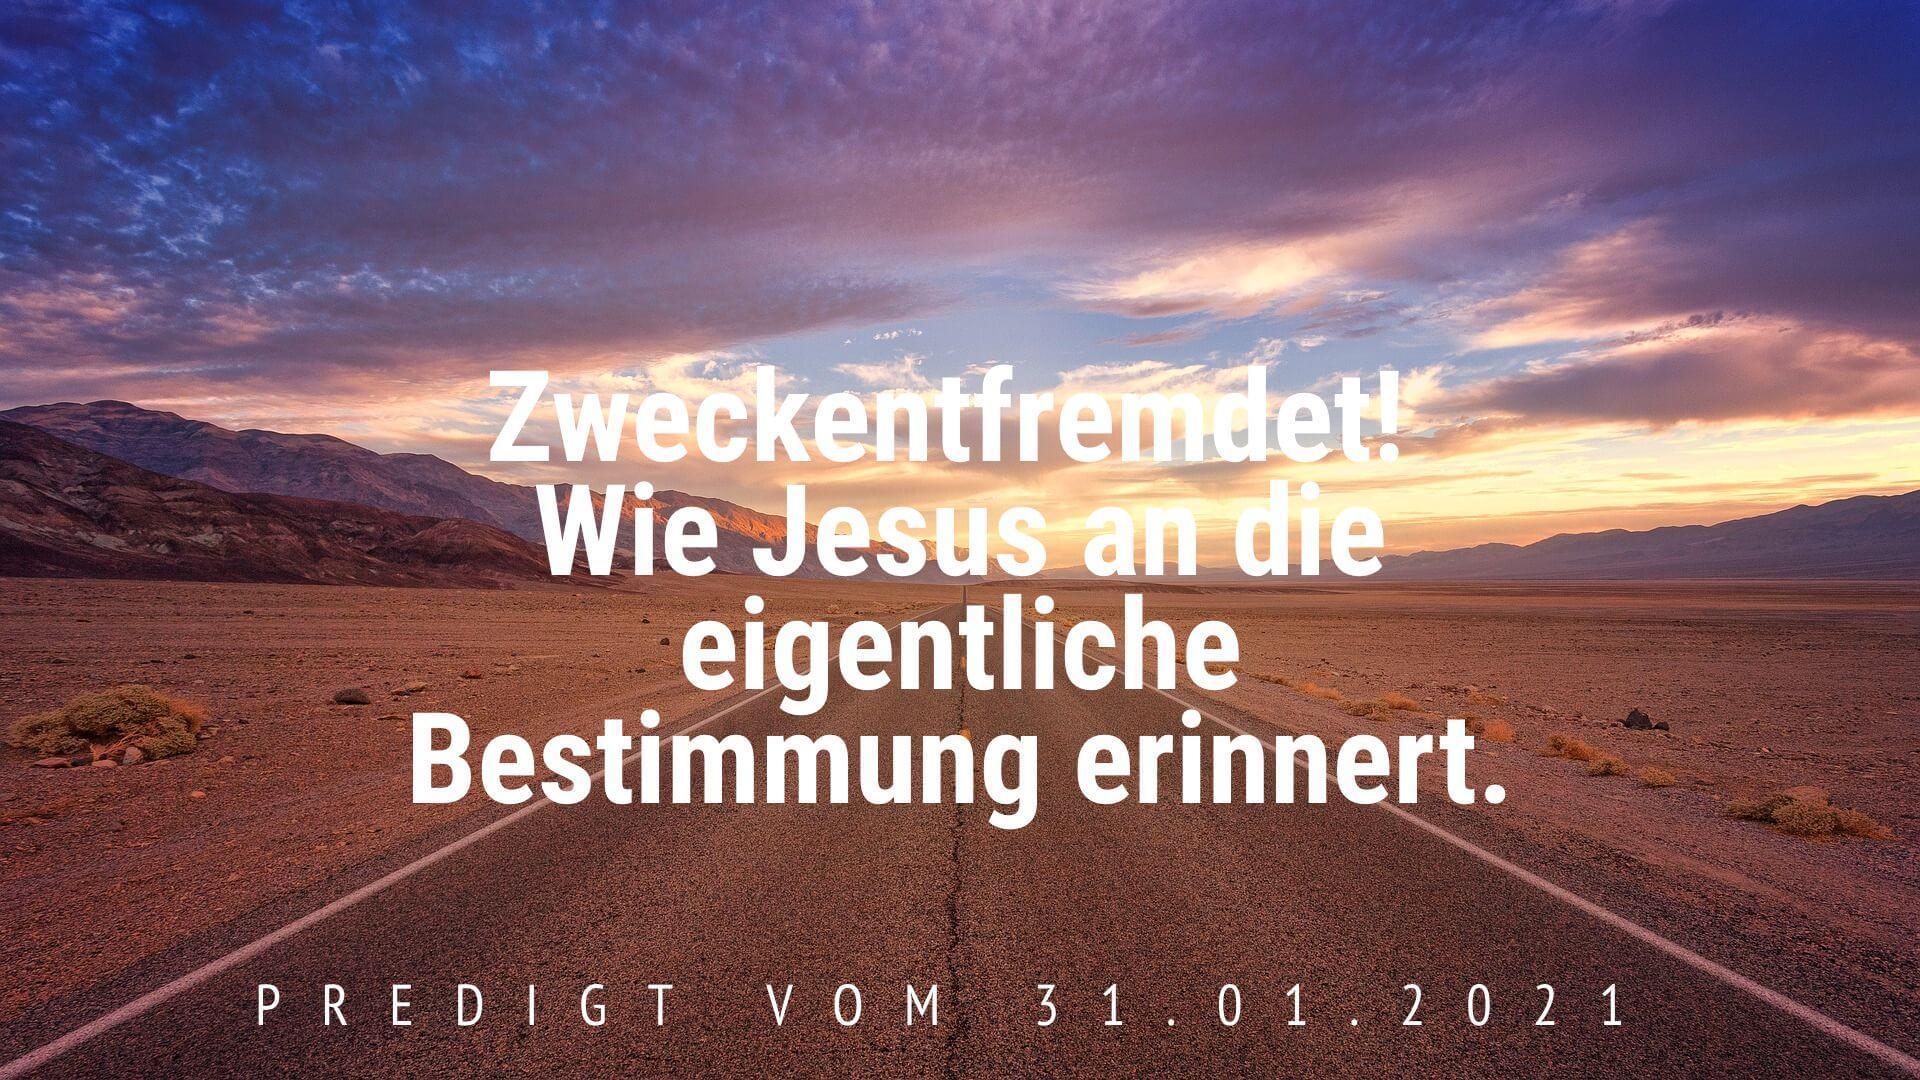 Zweckentfremdet! Wie Jesus an die eigentliche Bestimmung erinnert. Predigt vom 31.01.2021